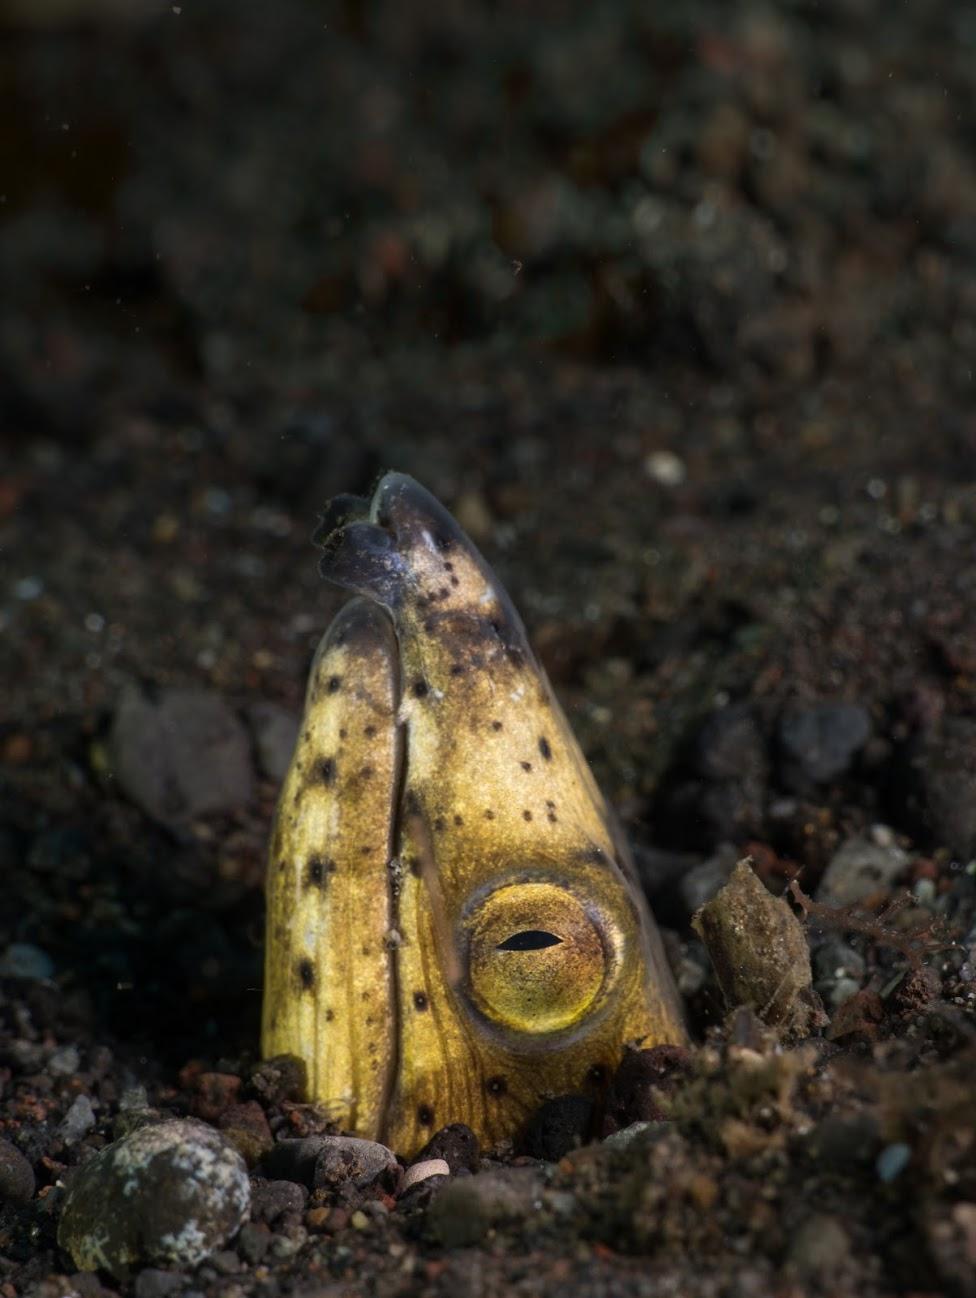 Thumbnail of a snake eel.